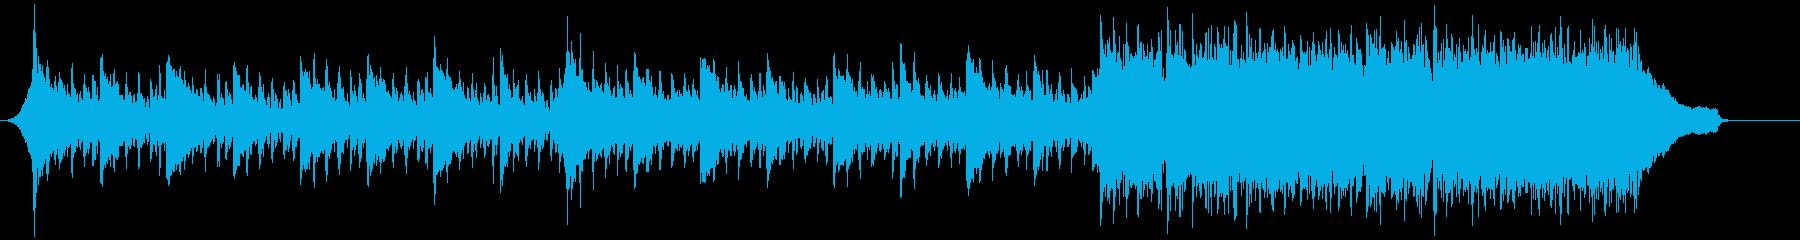 企業VP映像、141オーケストラ、爽快bの再生済みの波形